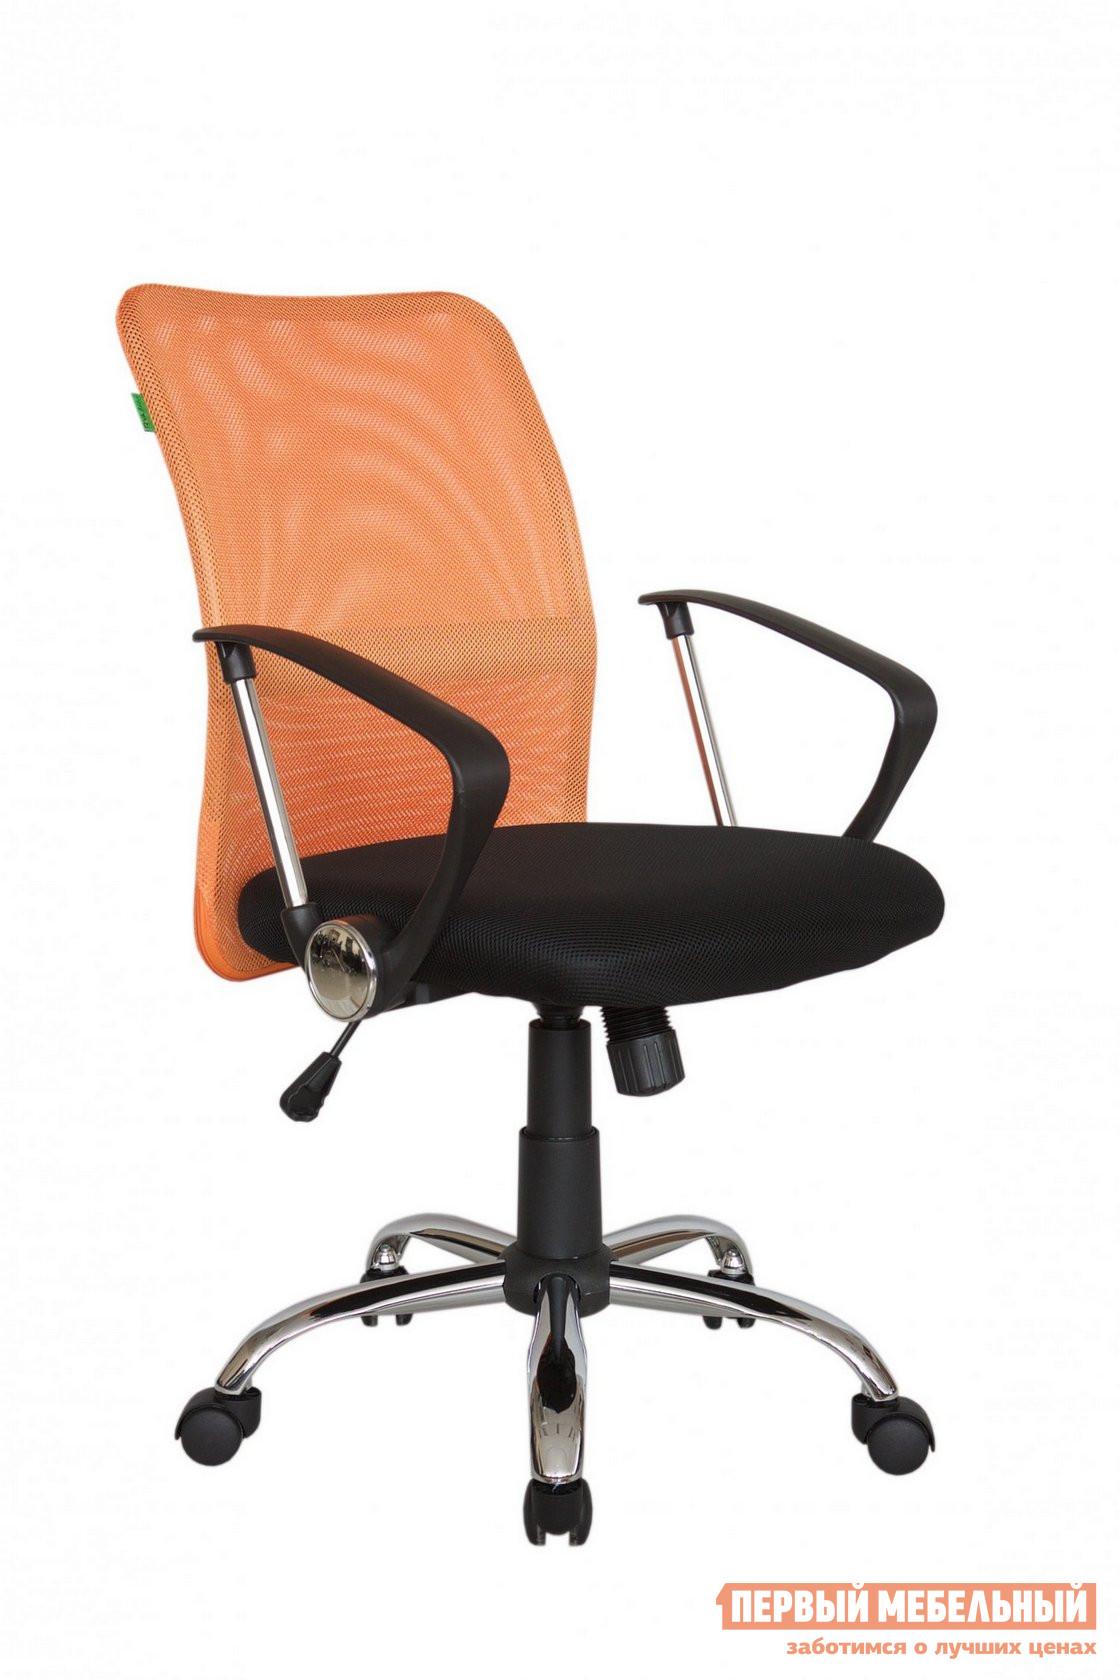 Офисное кресло Riva Кресло RCH 8075 кресло руководителя riva кресло rch 9249 1